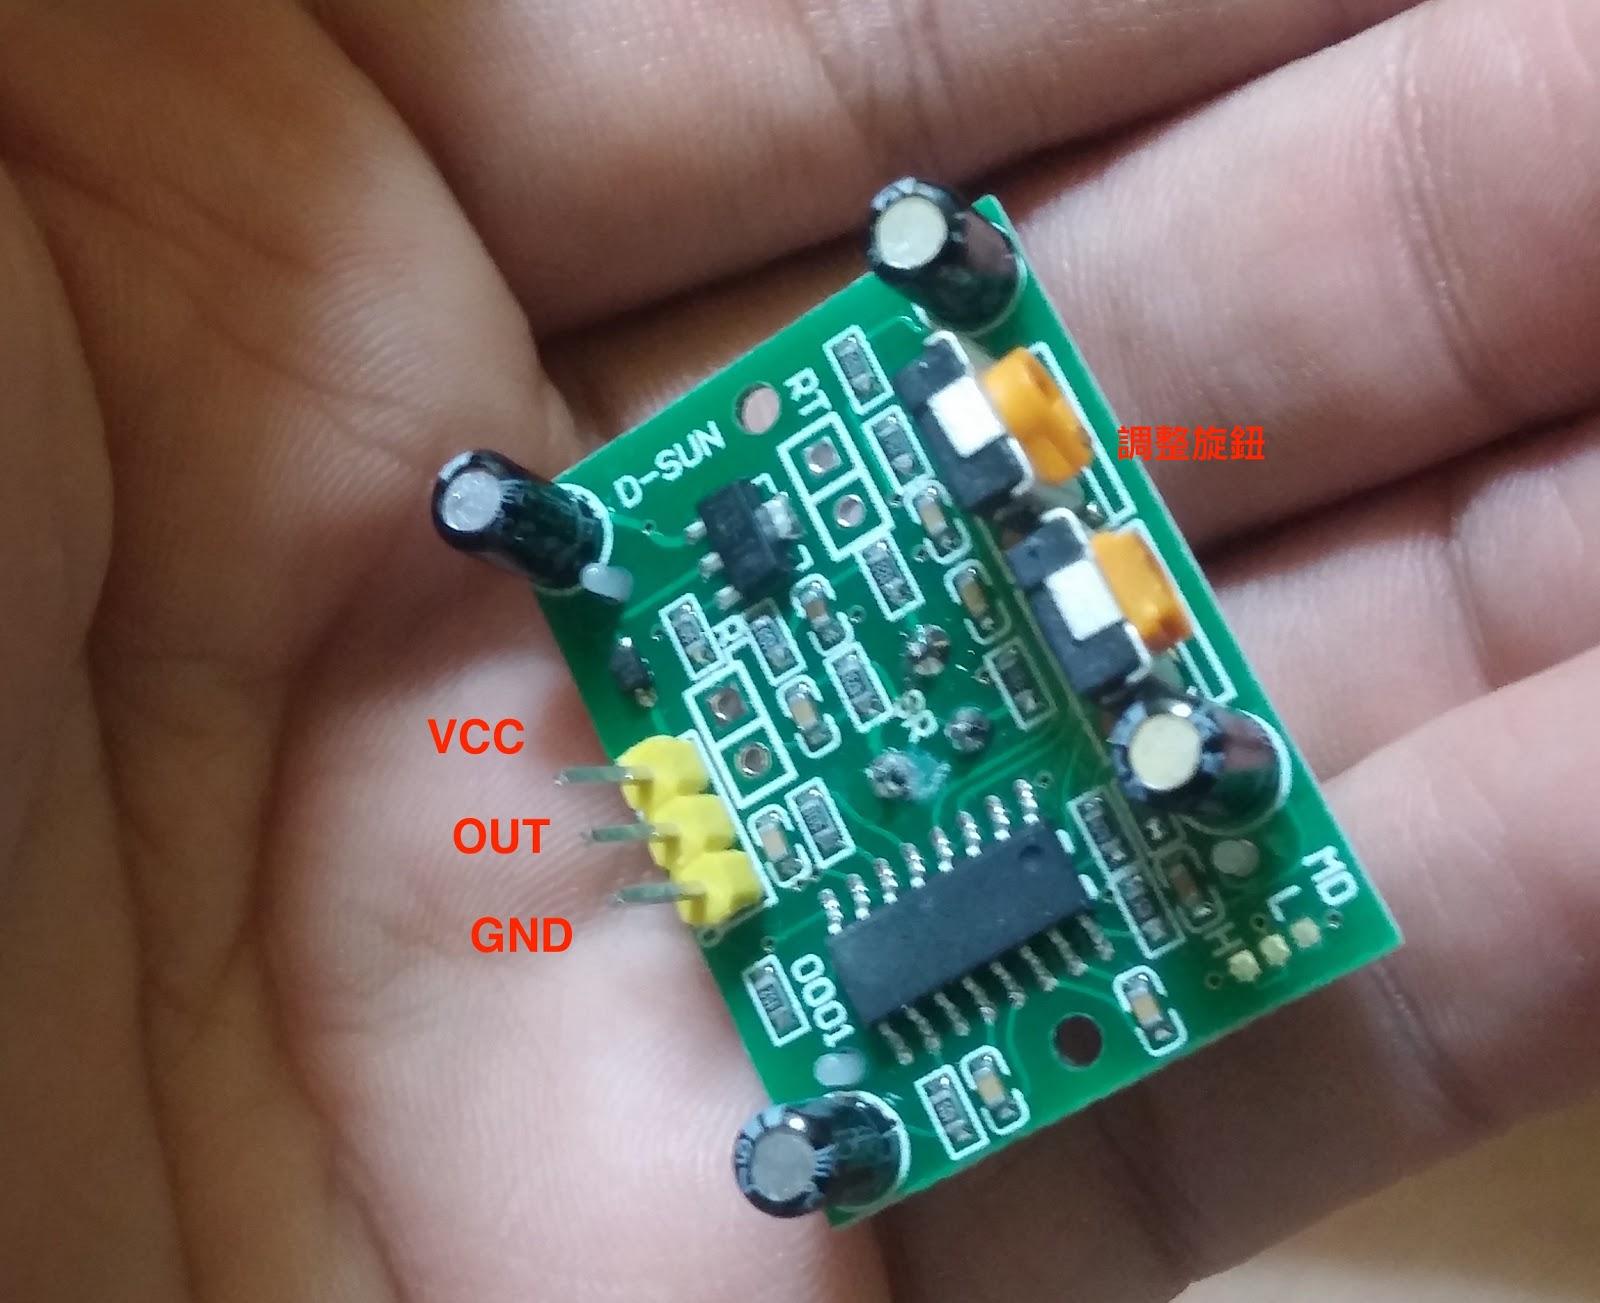 金石微開: [Arduino] 人體紅外線模組